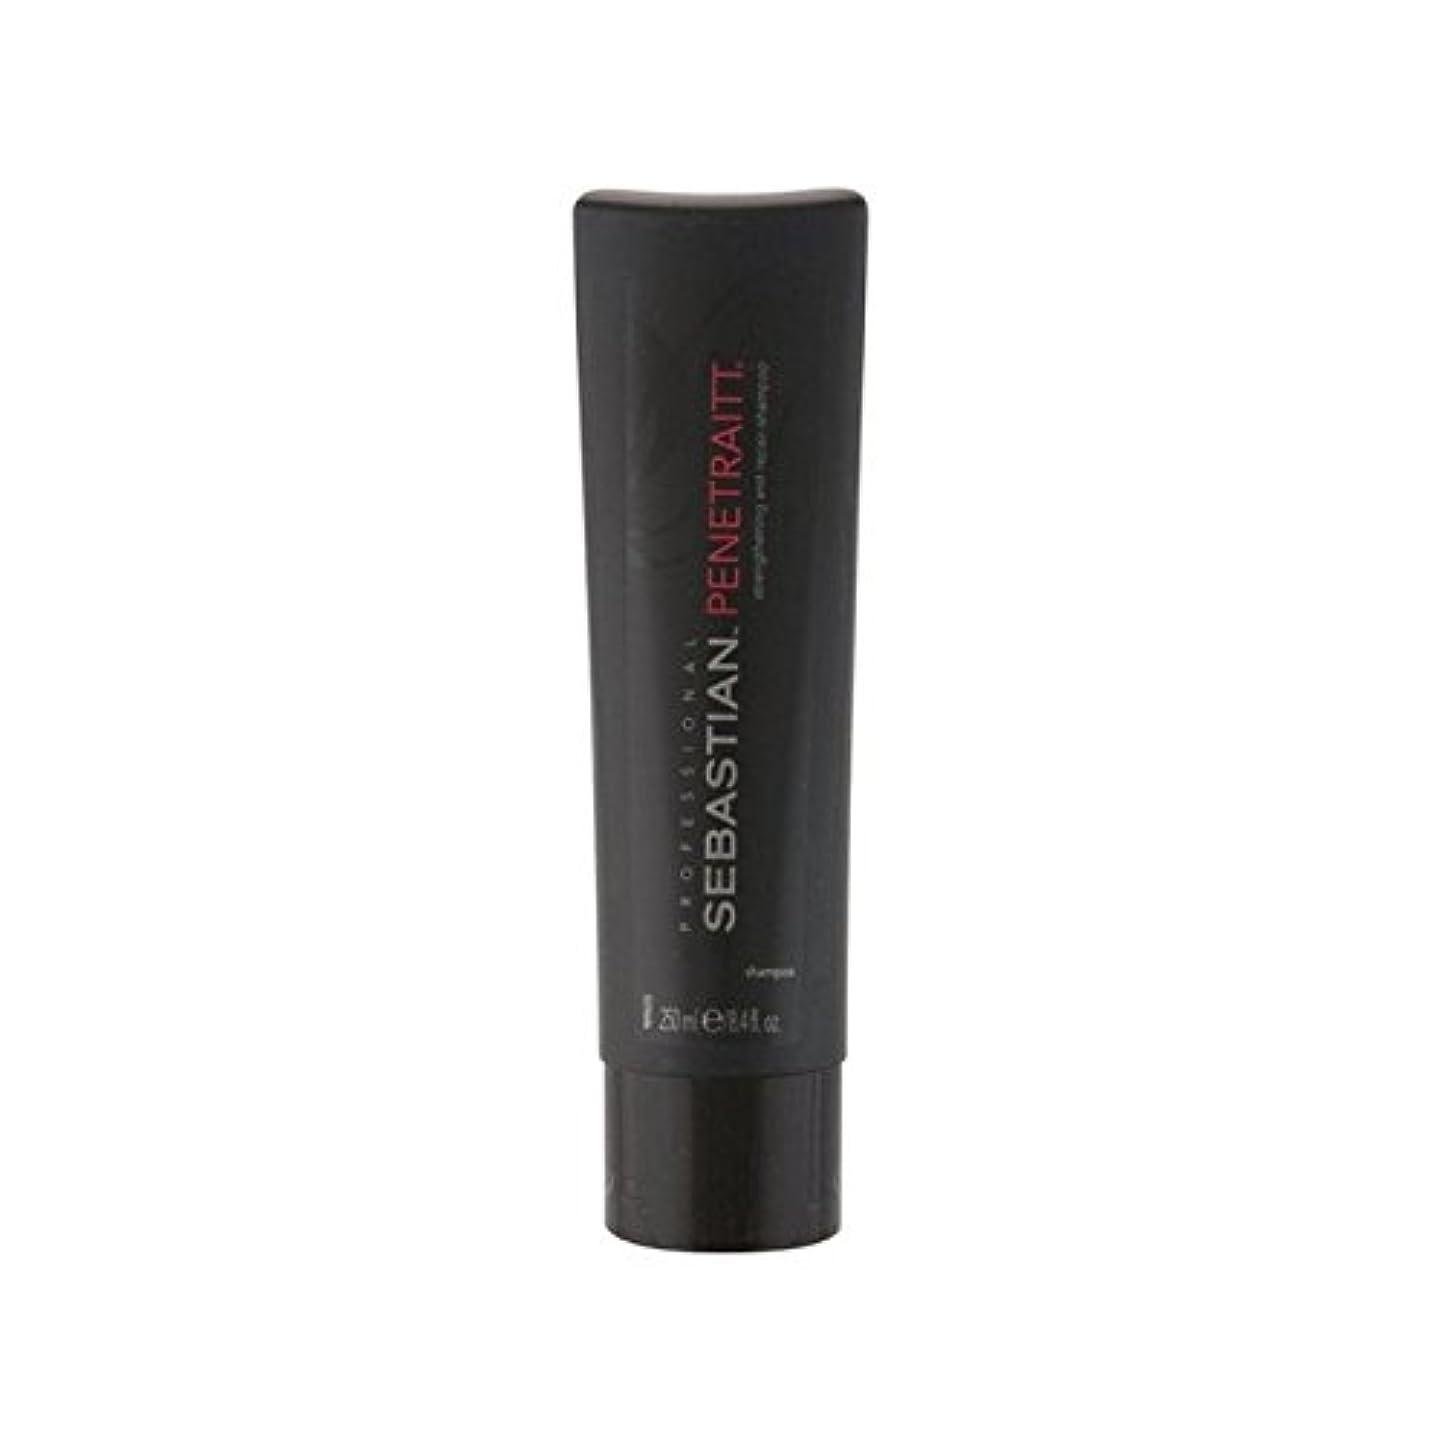 買い物に行く伝染性の視力セバスチャンプロシャンプー(250ミリリットル) x2 - Sebastian Professional Penetraitt Shampoo (250ml) (Pack of 2) [並行輸入品]